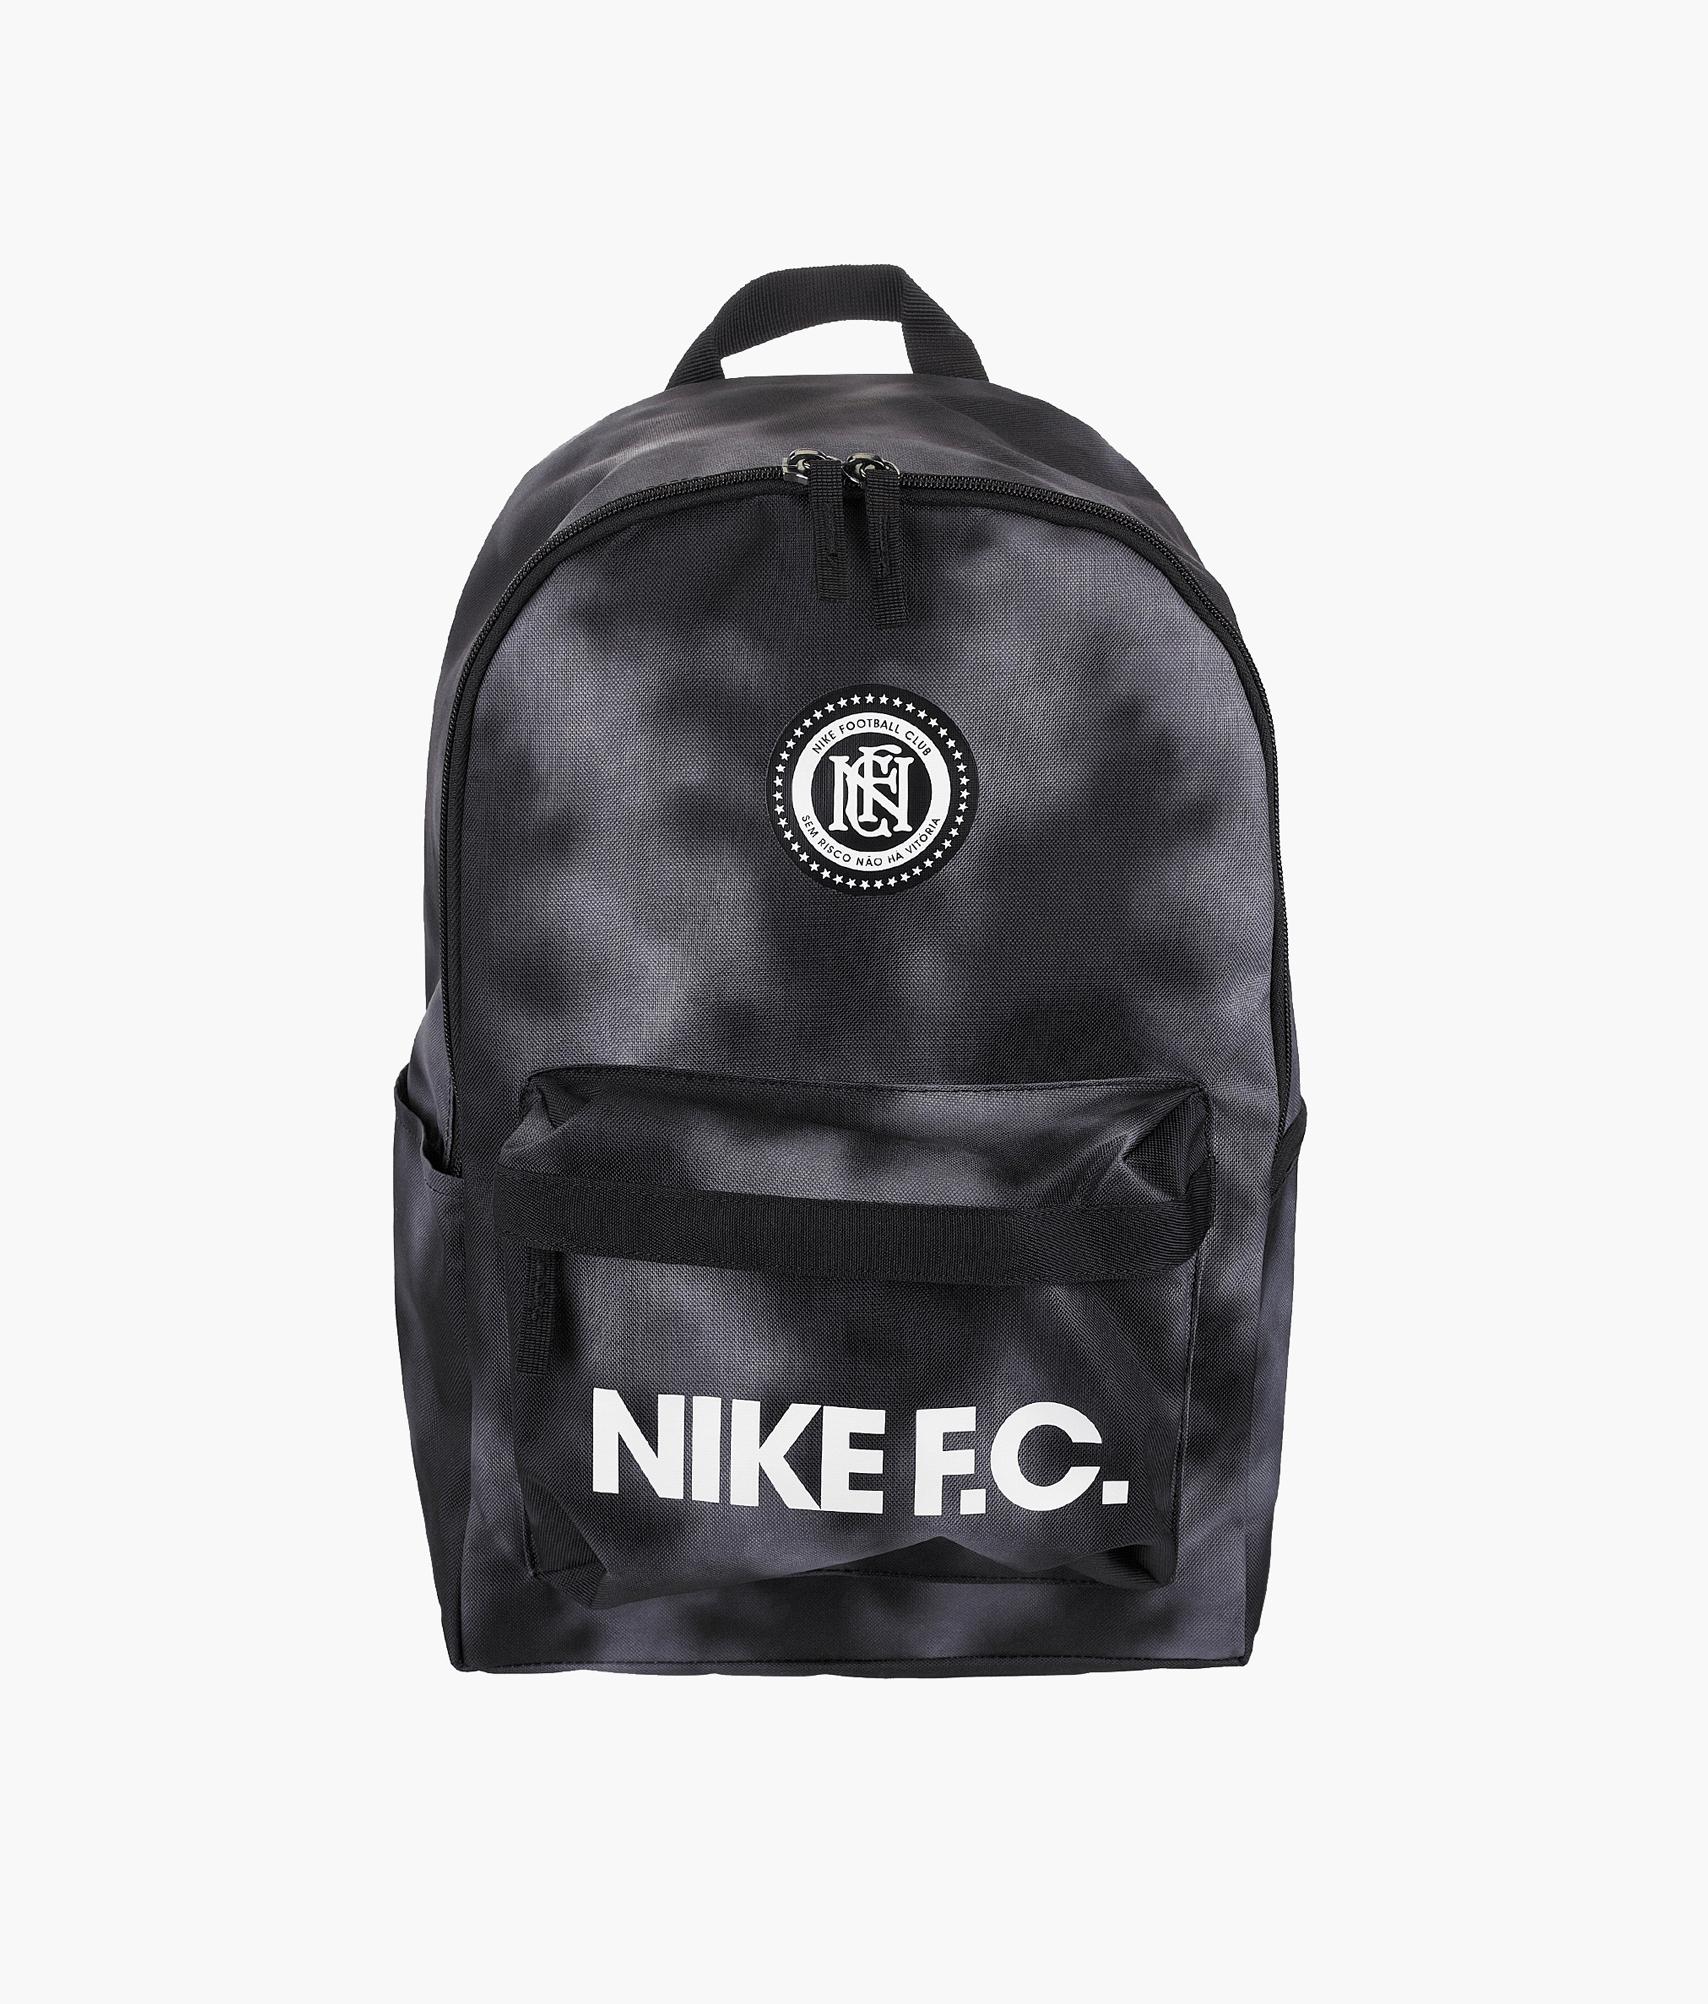 Рюкзак Nike F.C. Nike Цвет-Черный рюкзак nike nike ni464bghusy0